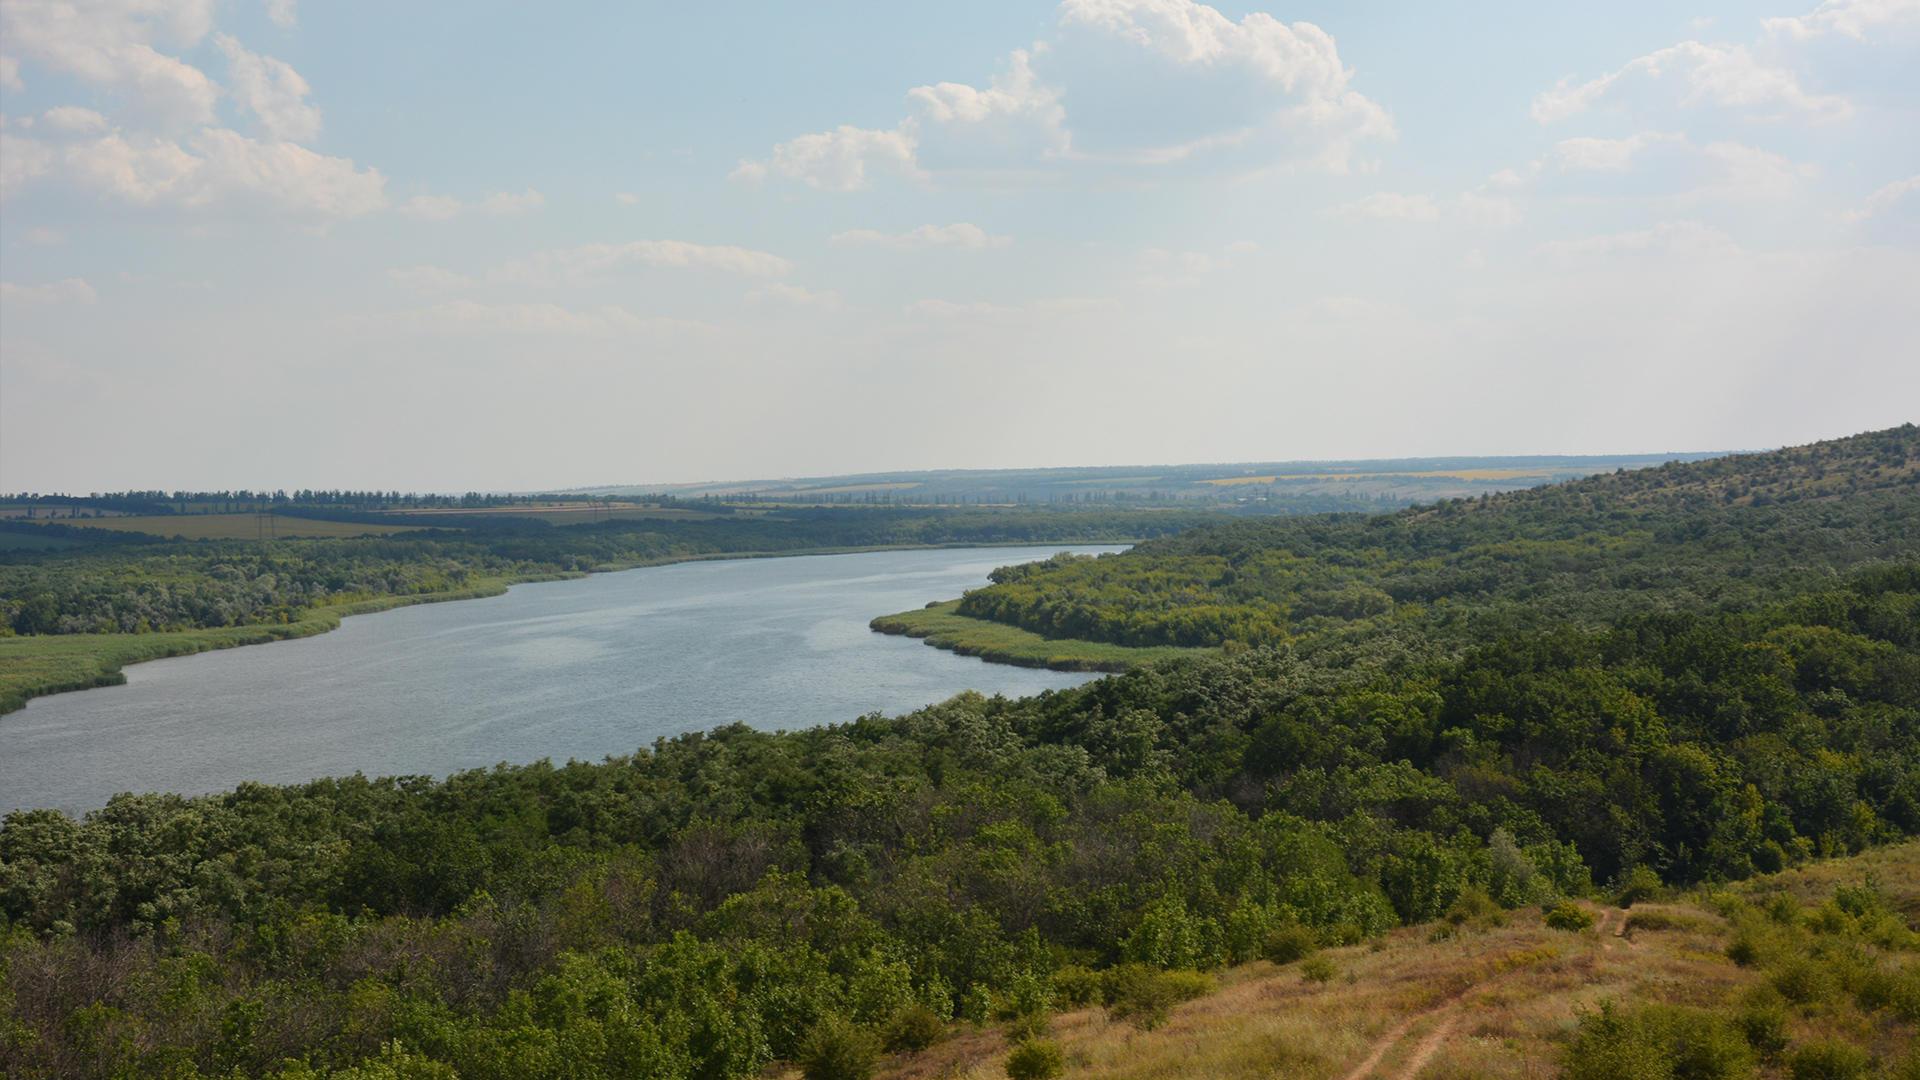 Регіональний ландшафтний парк Клебан-Бик на Донеччині